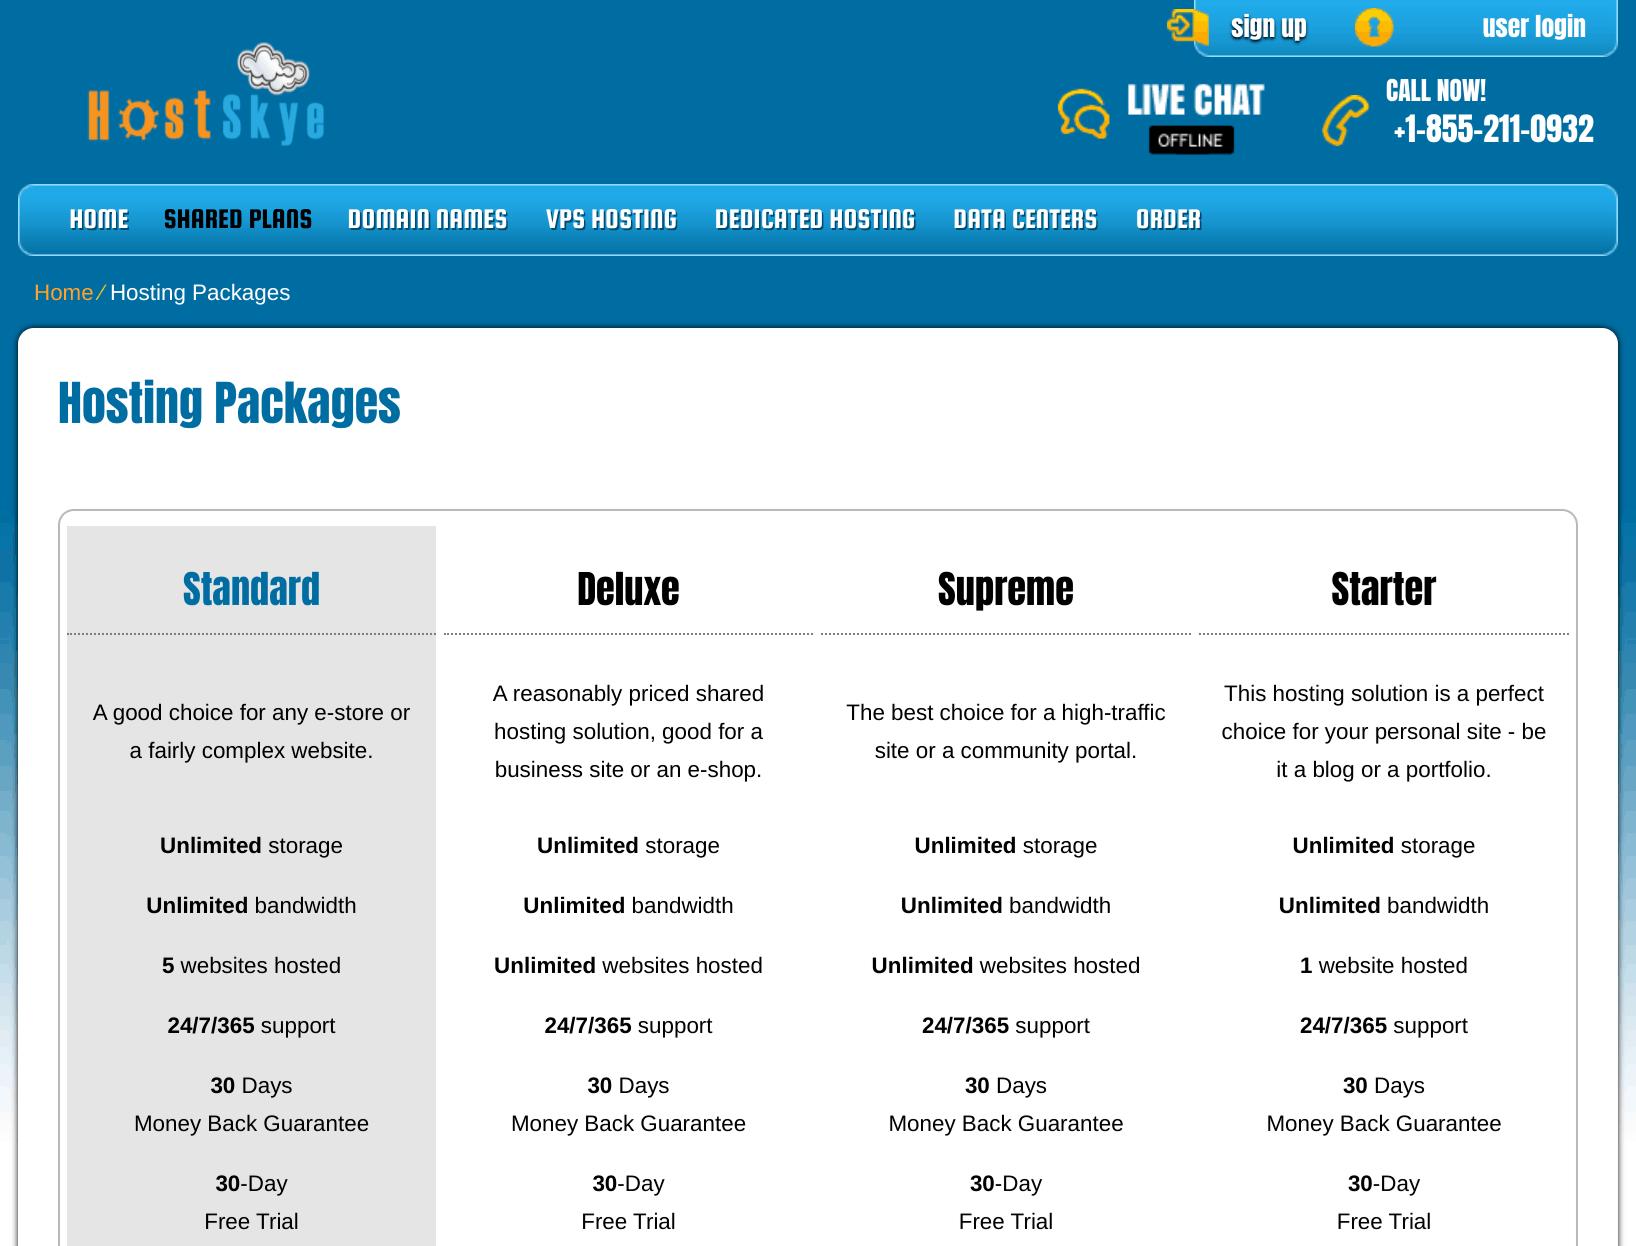 HostSkye Overview